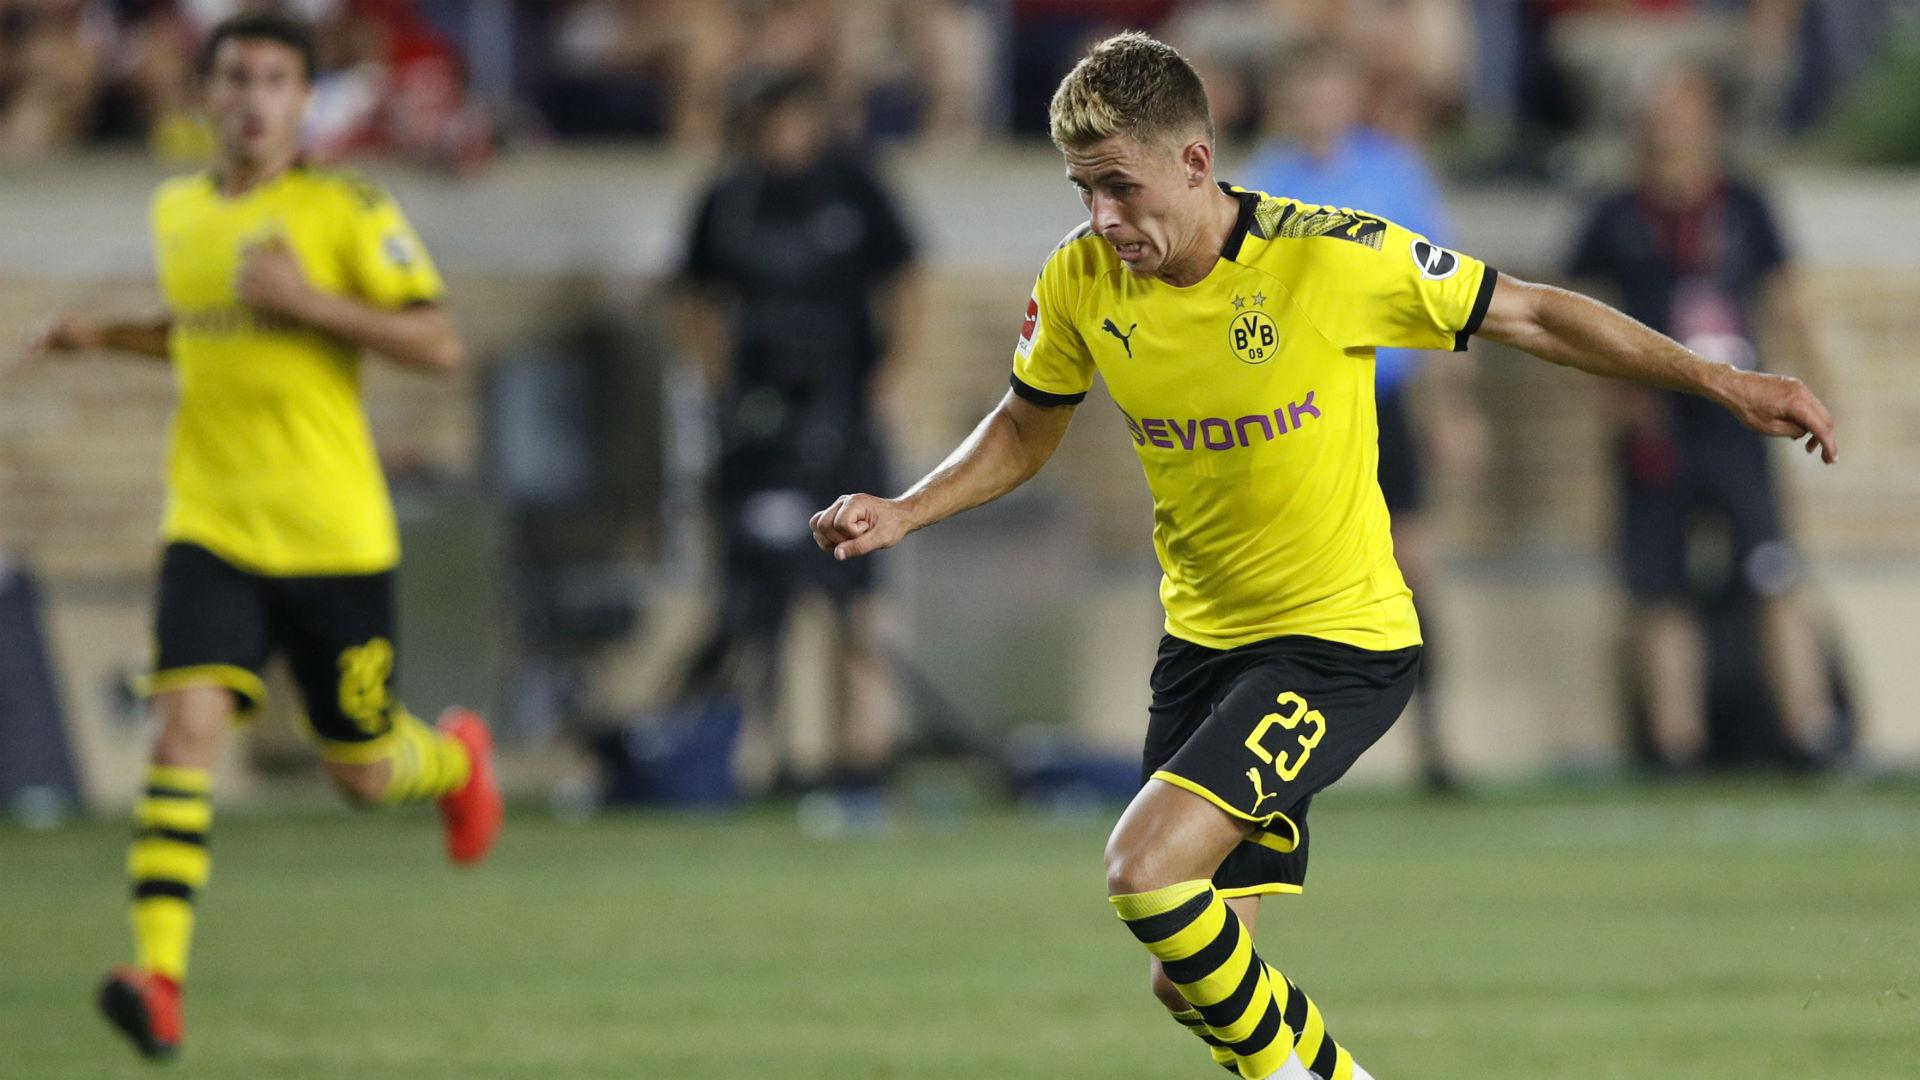 Bvb Borussia Dortmund Vs Fc Bayern Munchen Heute Live Im